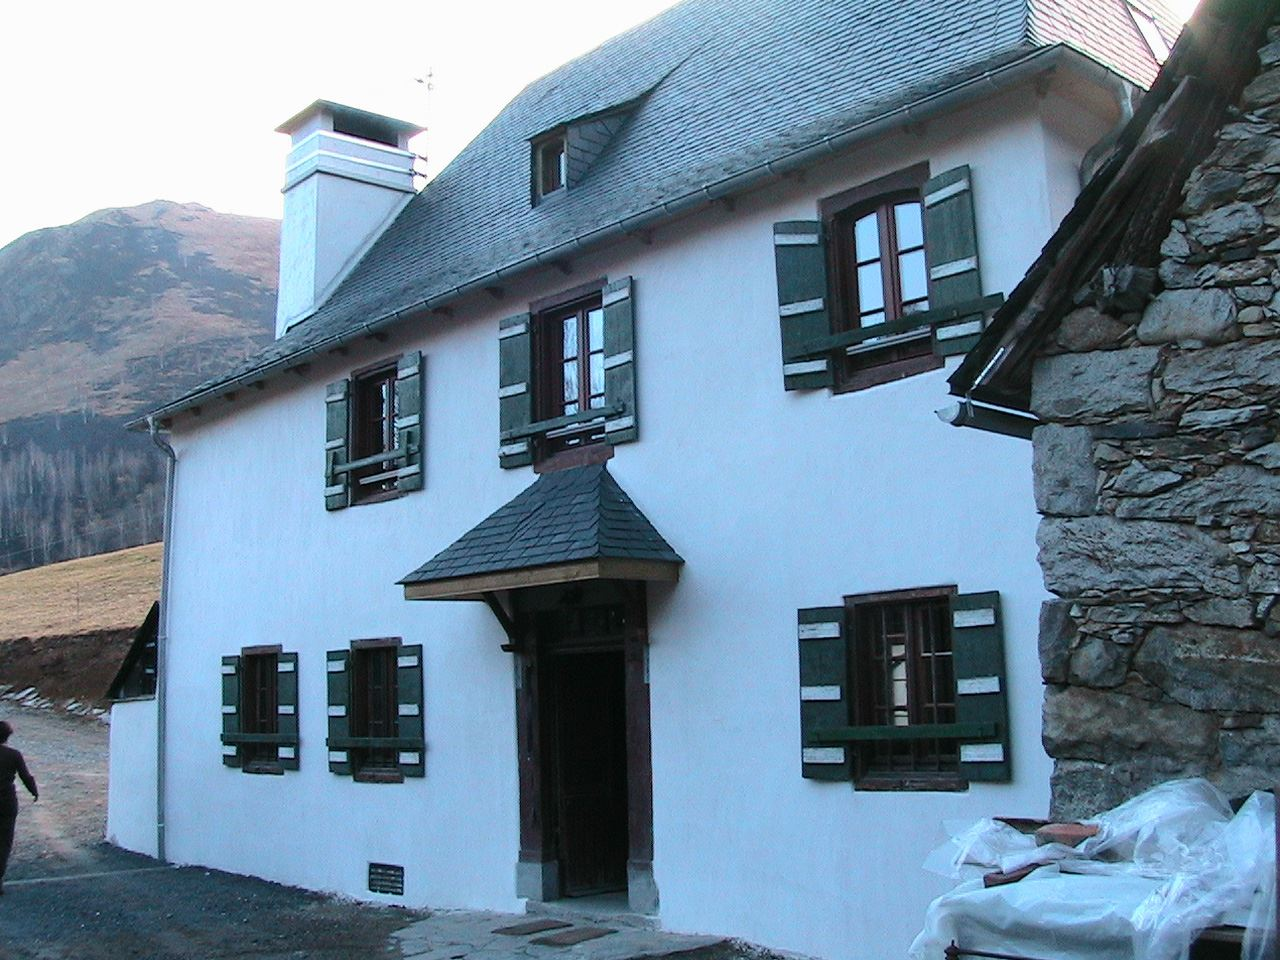 HPG105 - Ancienne maison bigourdane dans le Val d'Azun